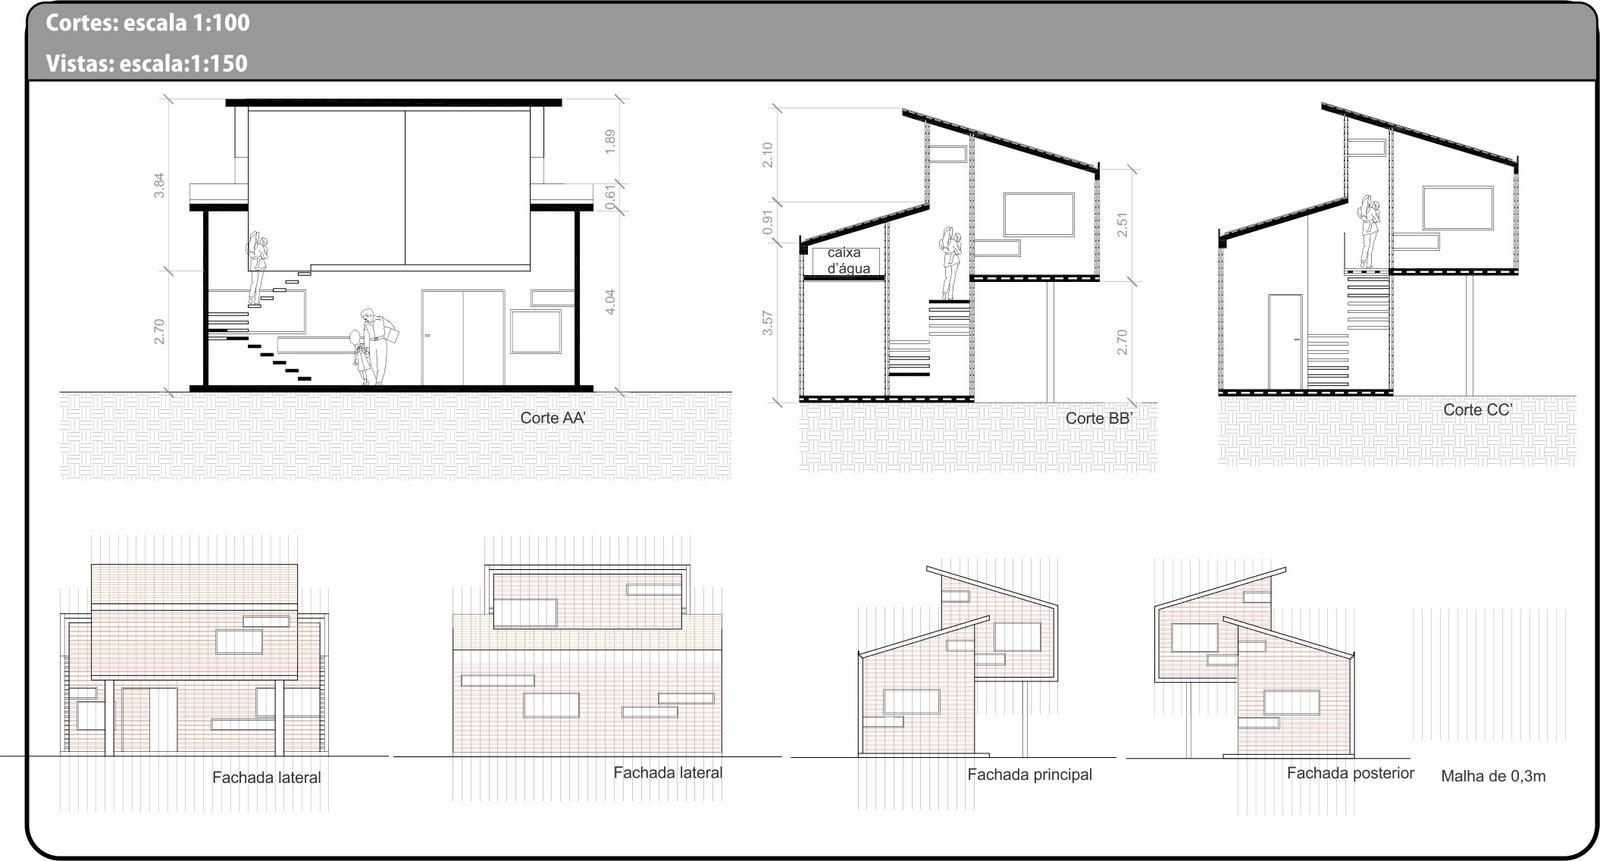 Imagens de #71665A Tema 3: Habitação Unifamiliar: Projeto Final 1600x861 px 3472 Bloco Autocad Banheiro Corte